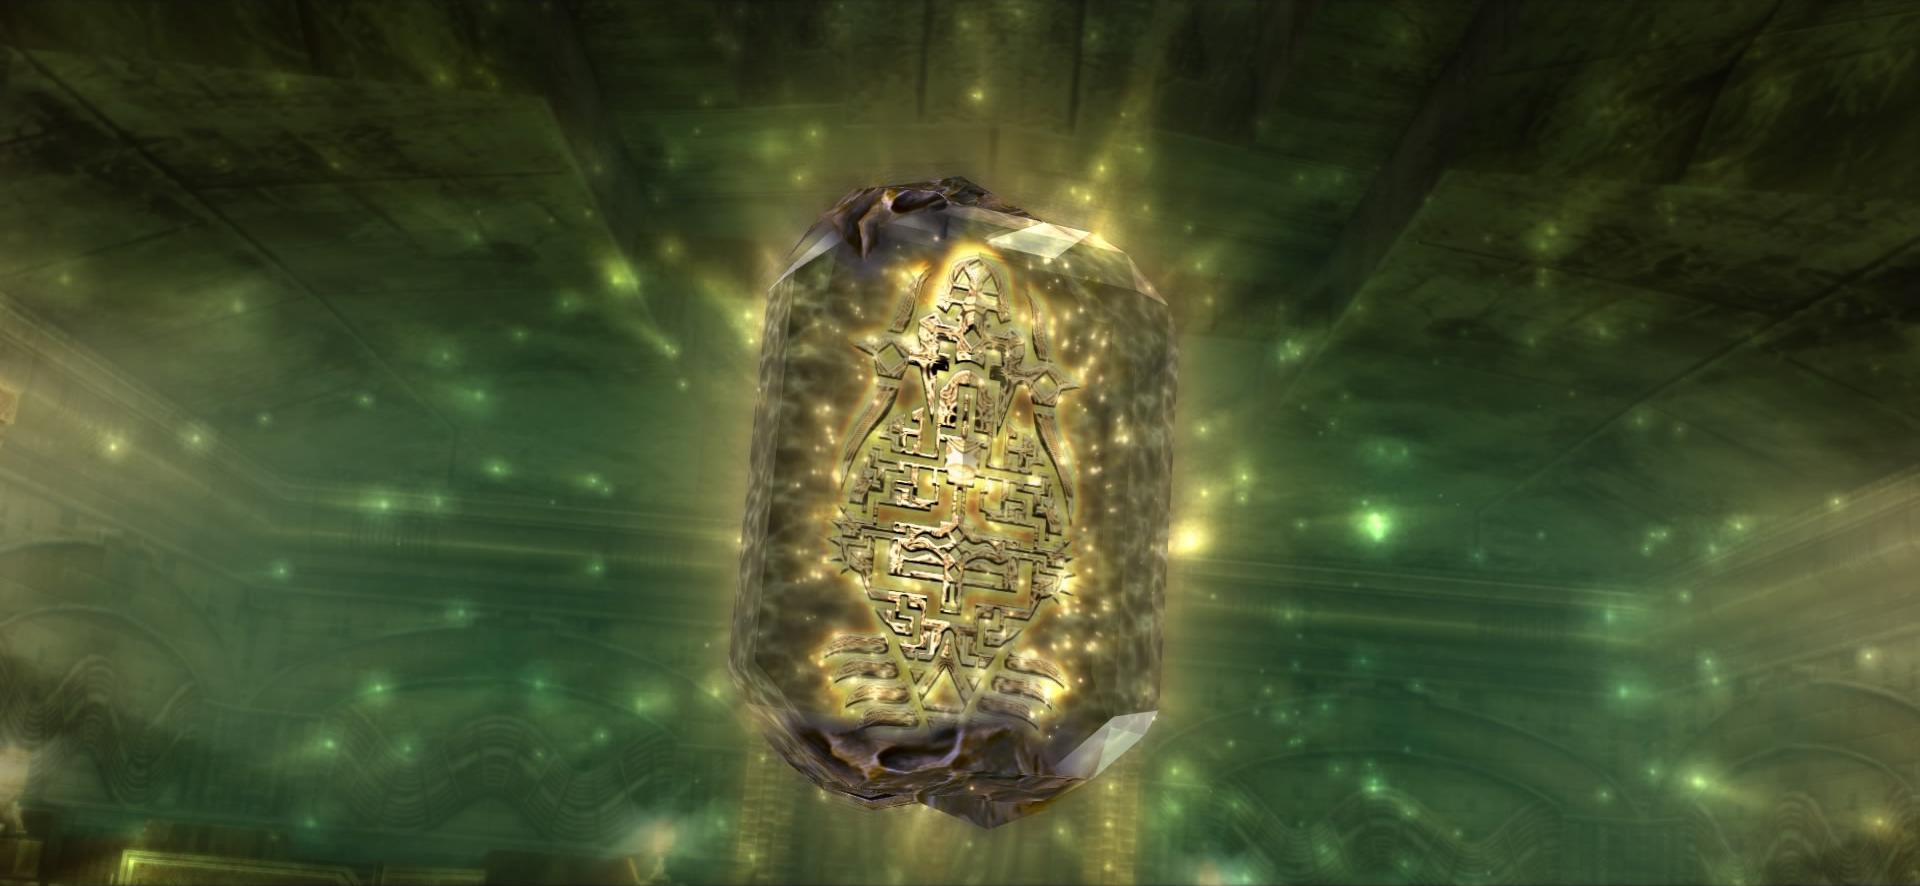 File:Cúchulainn Glyph.jpg